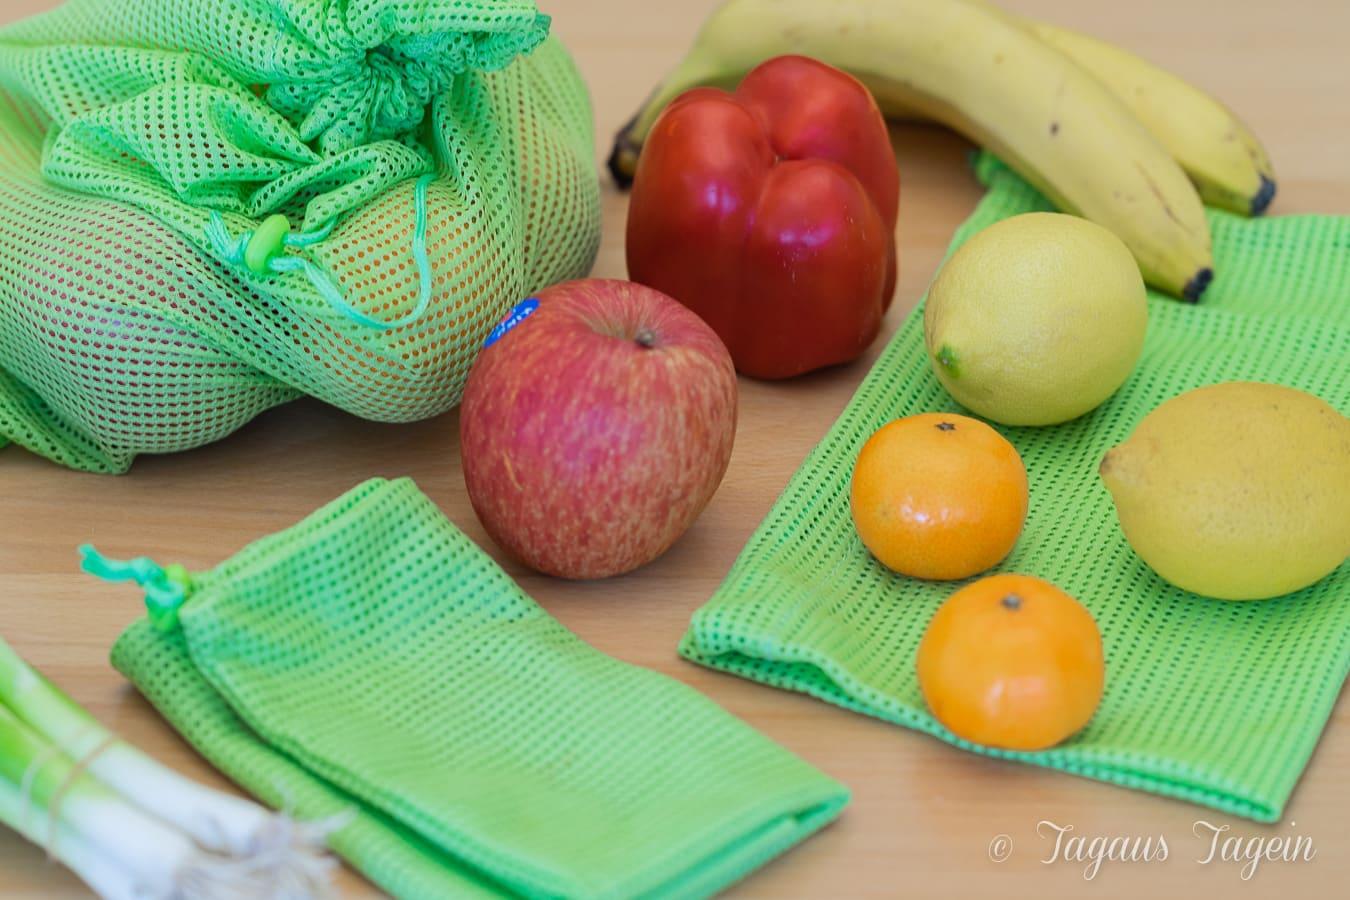 Wiederverwendbare Beutel für Obst und Gemüse – Kampf dem Plastikmüll